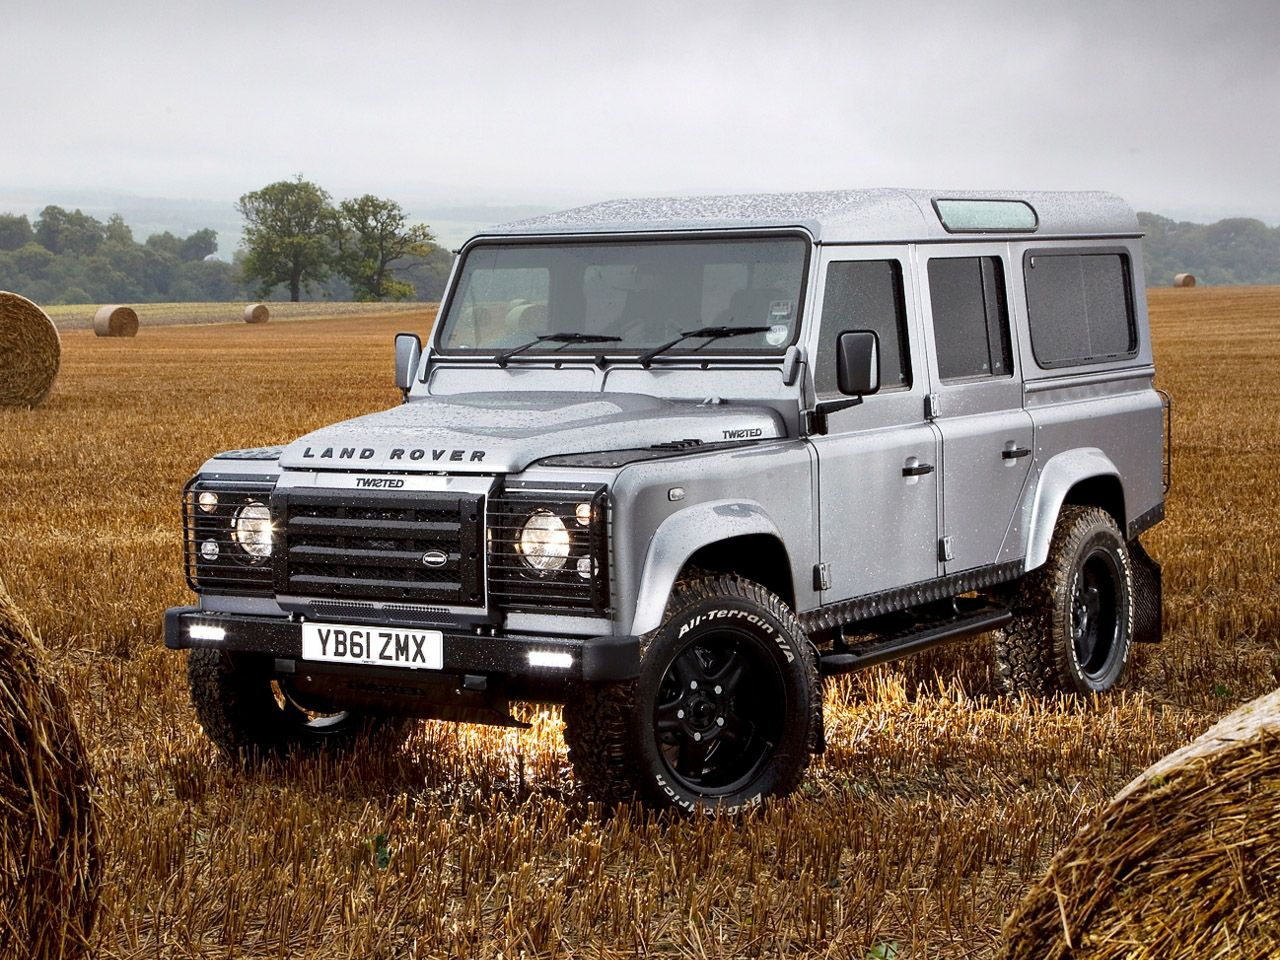 defender 110 land rover defender 110 twisted 2012 mad 4 wheels cars pinterest land. Black Bedroom Furniture Sets. Home Design Ideas